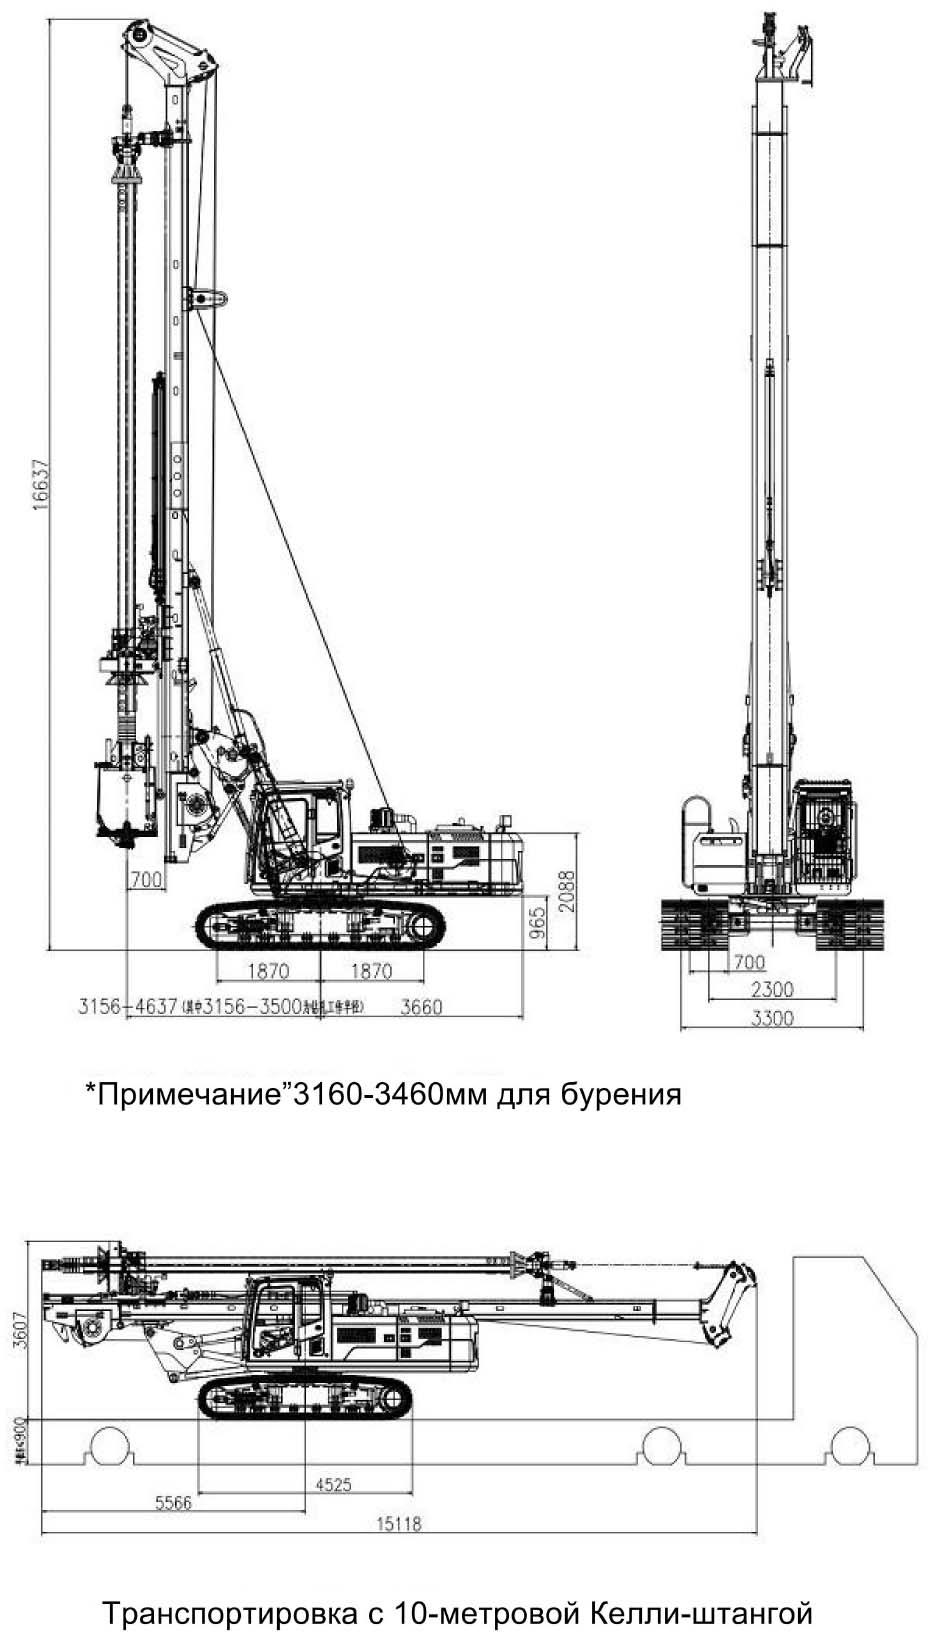 Размеры роторной буровой установки Zoomlion ZR140